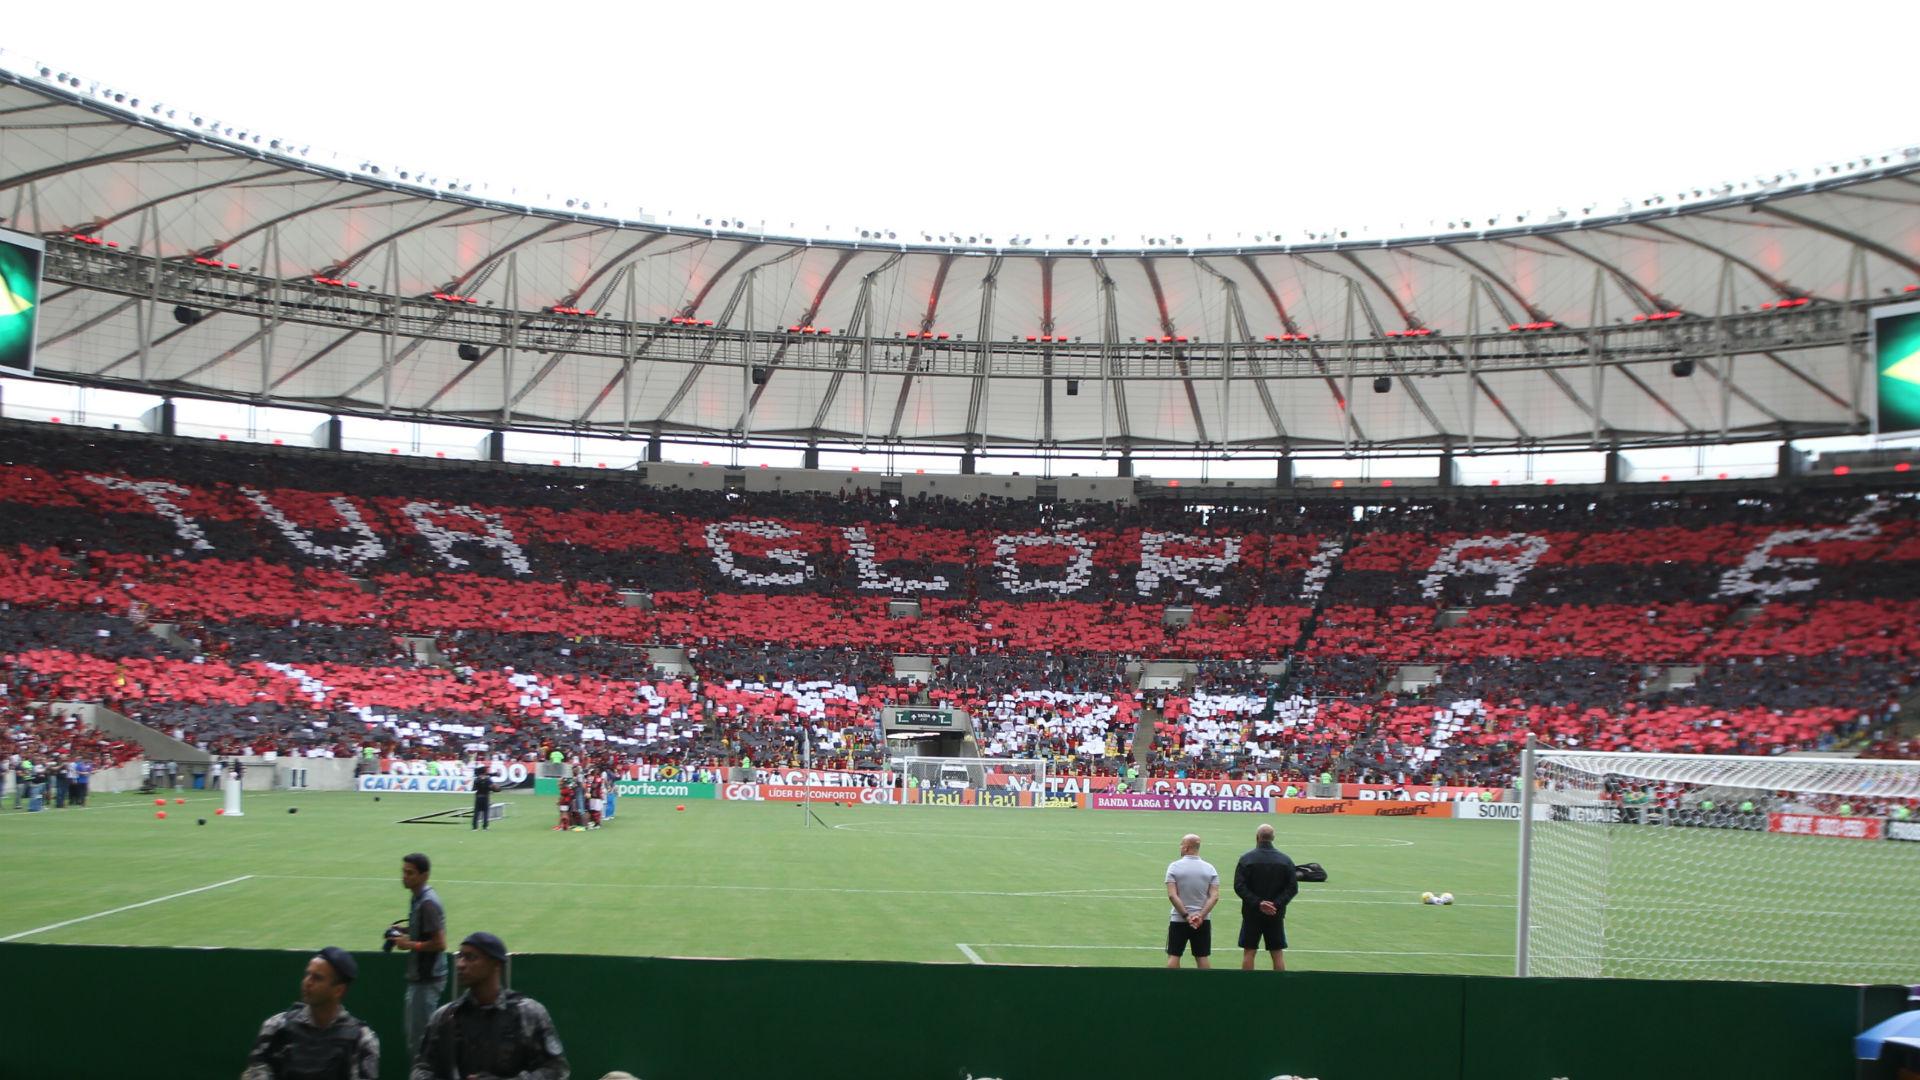 Torcida Flamengo Corinthians Brasileirão 23 10 2016